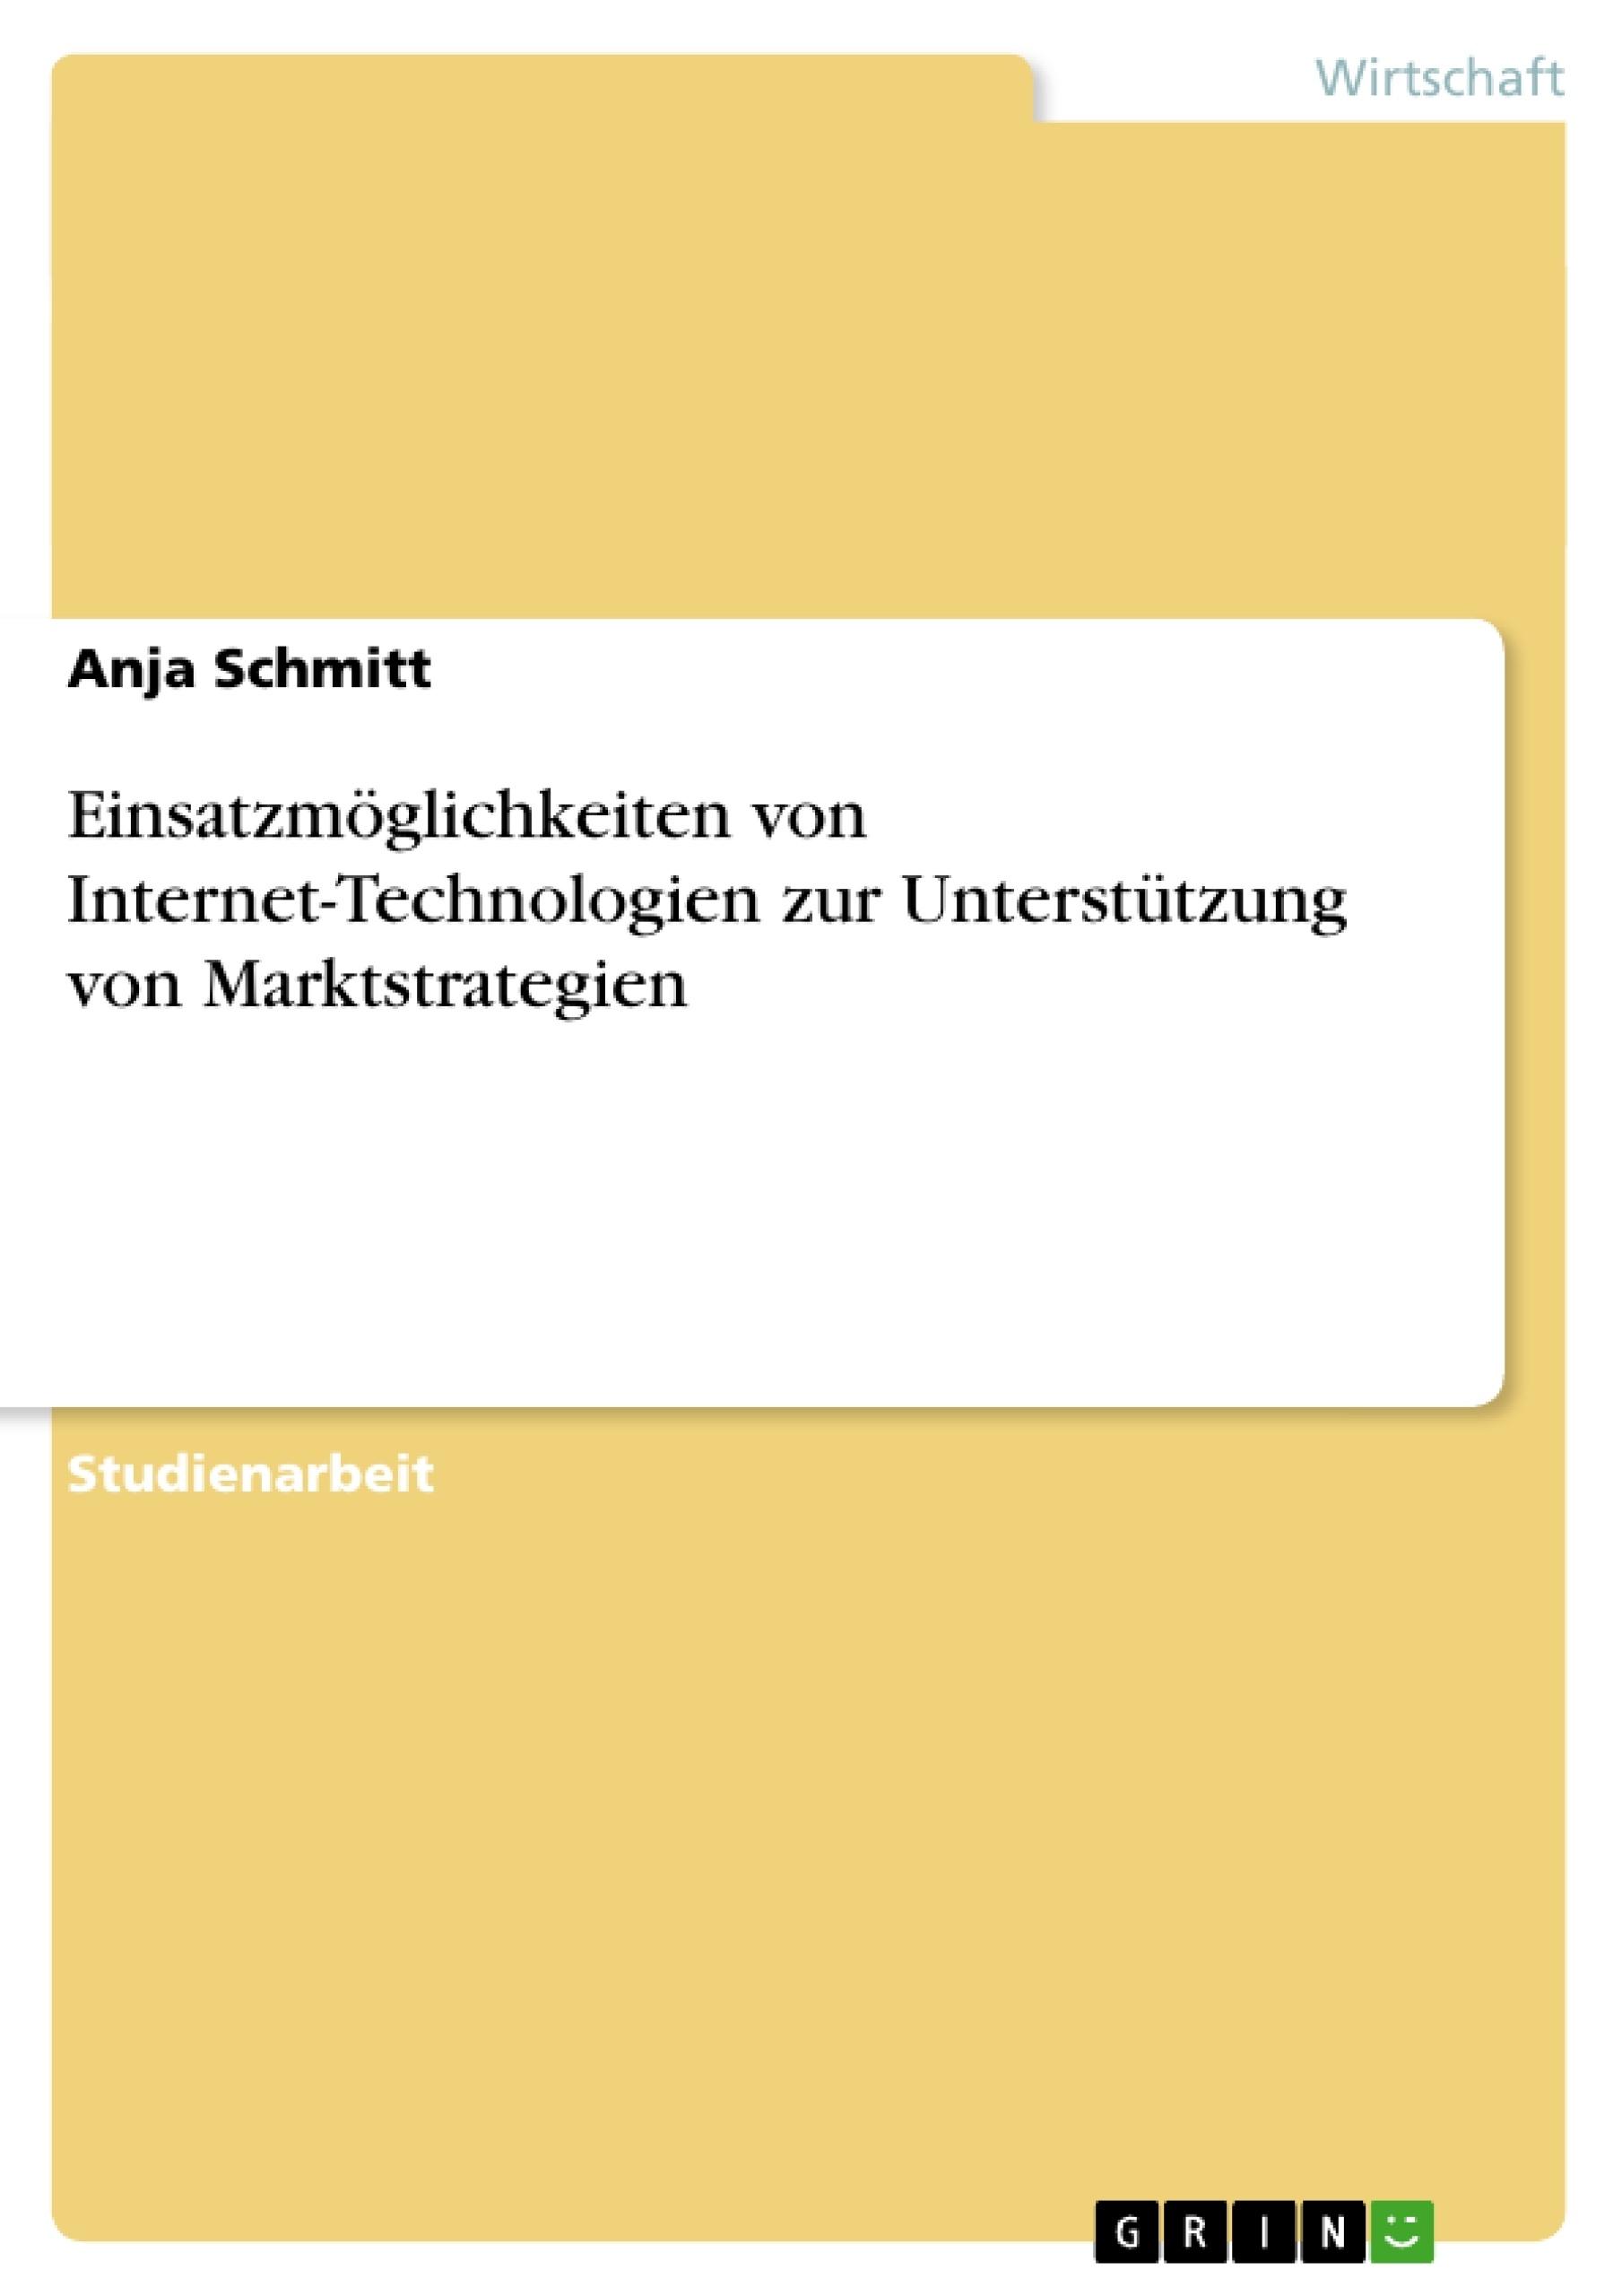 Titel: Einsatzmöglichkeiten von Internet-Technologien zur Unterstützung von Marktstrategien